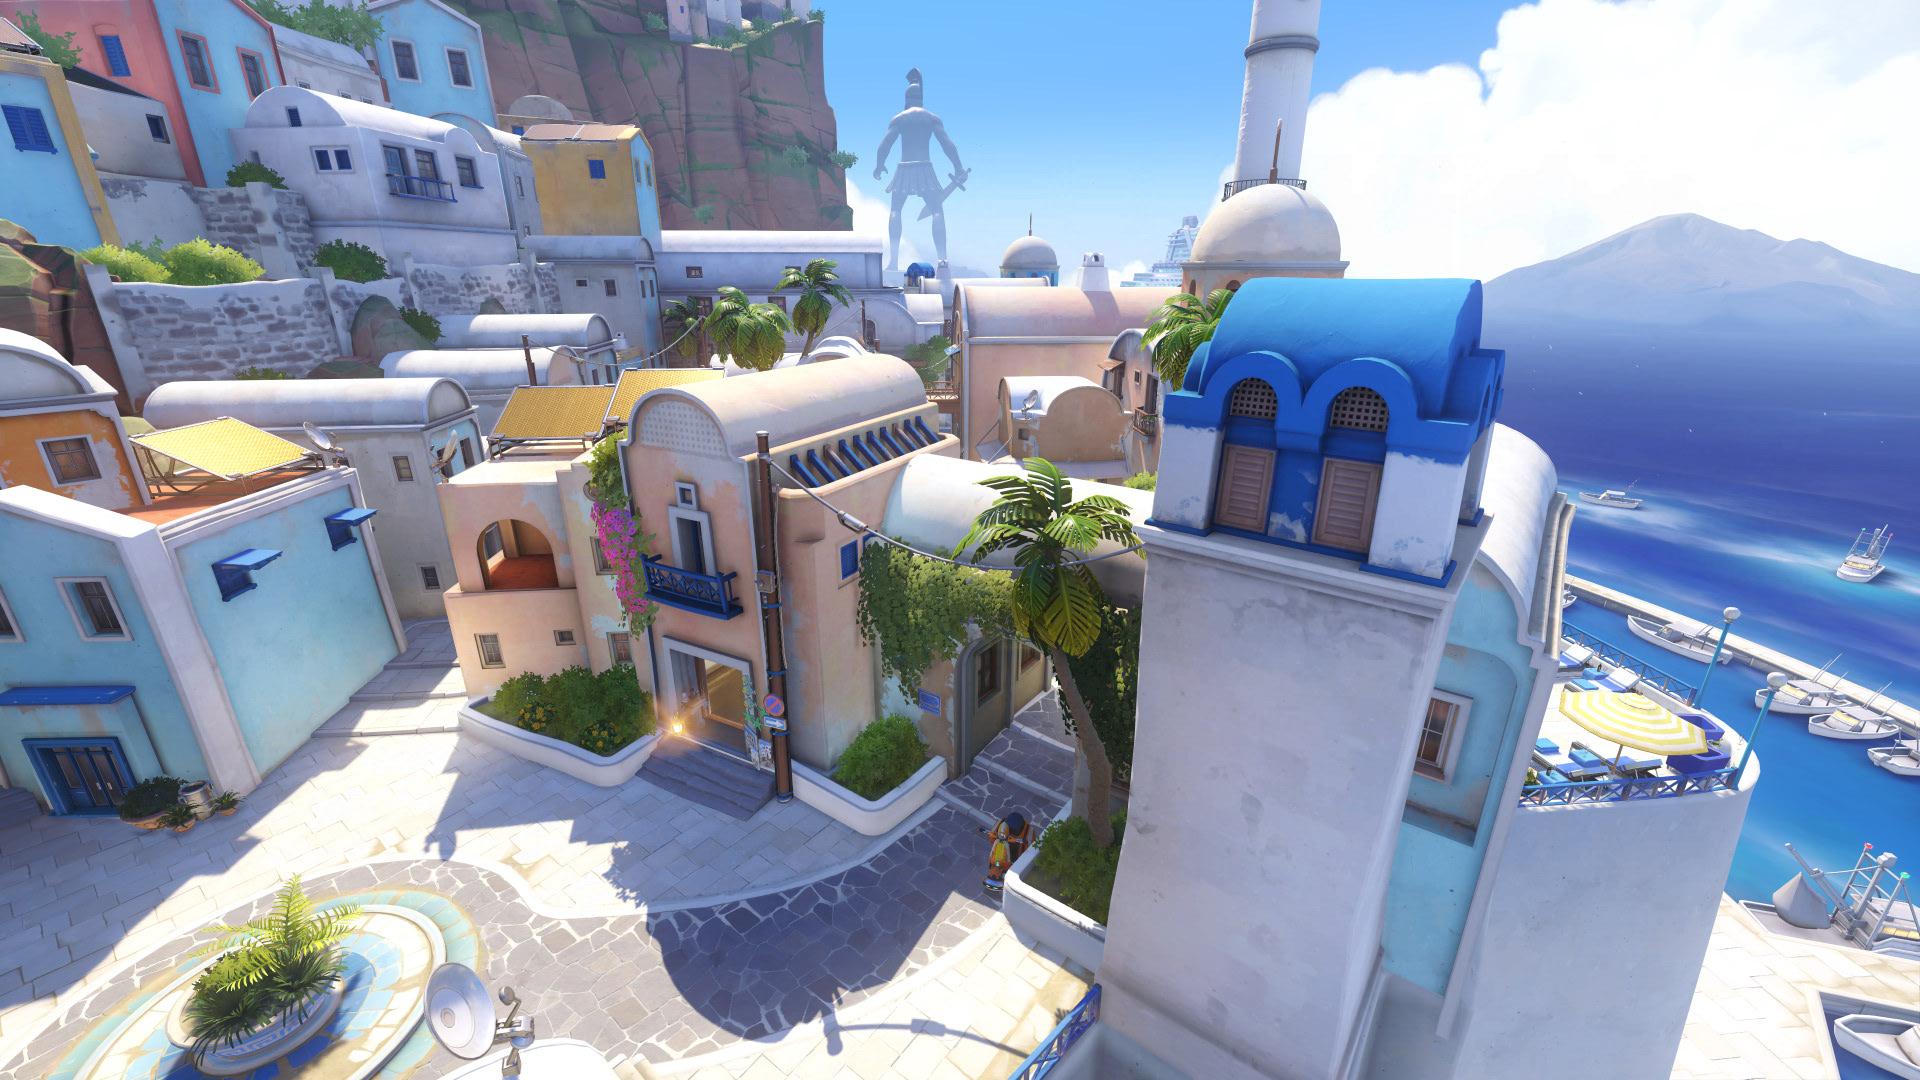 Image Ilios 1 Jpg Overwatch Wiki Fandom Powered By Wikia